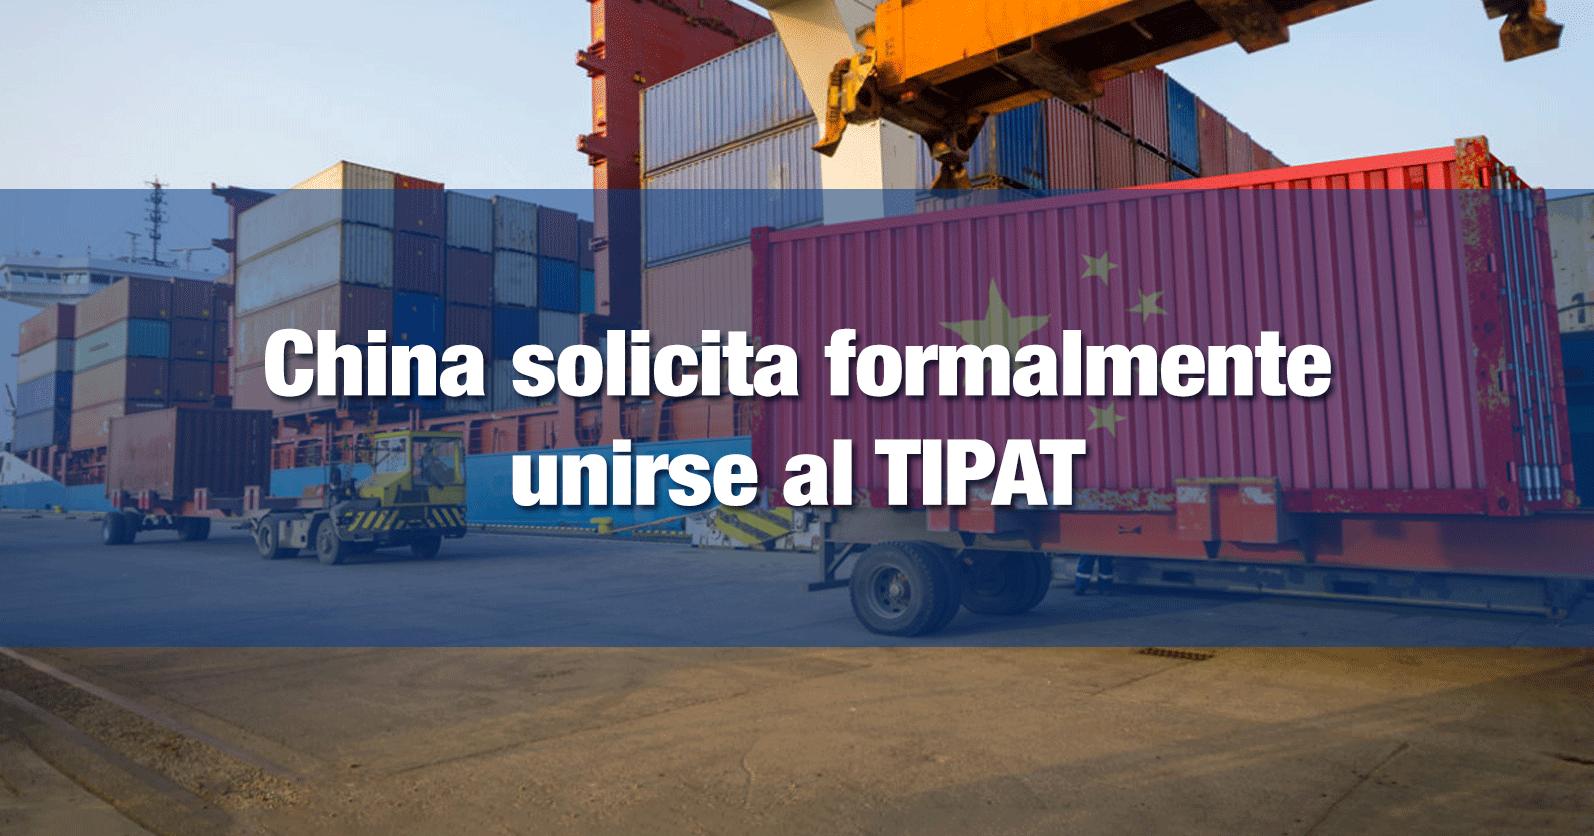 China solicita formalmente unirse al TIPAT